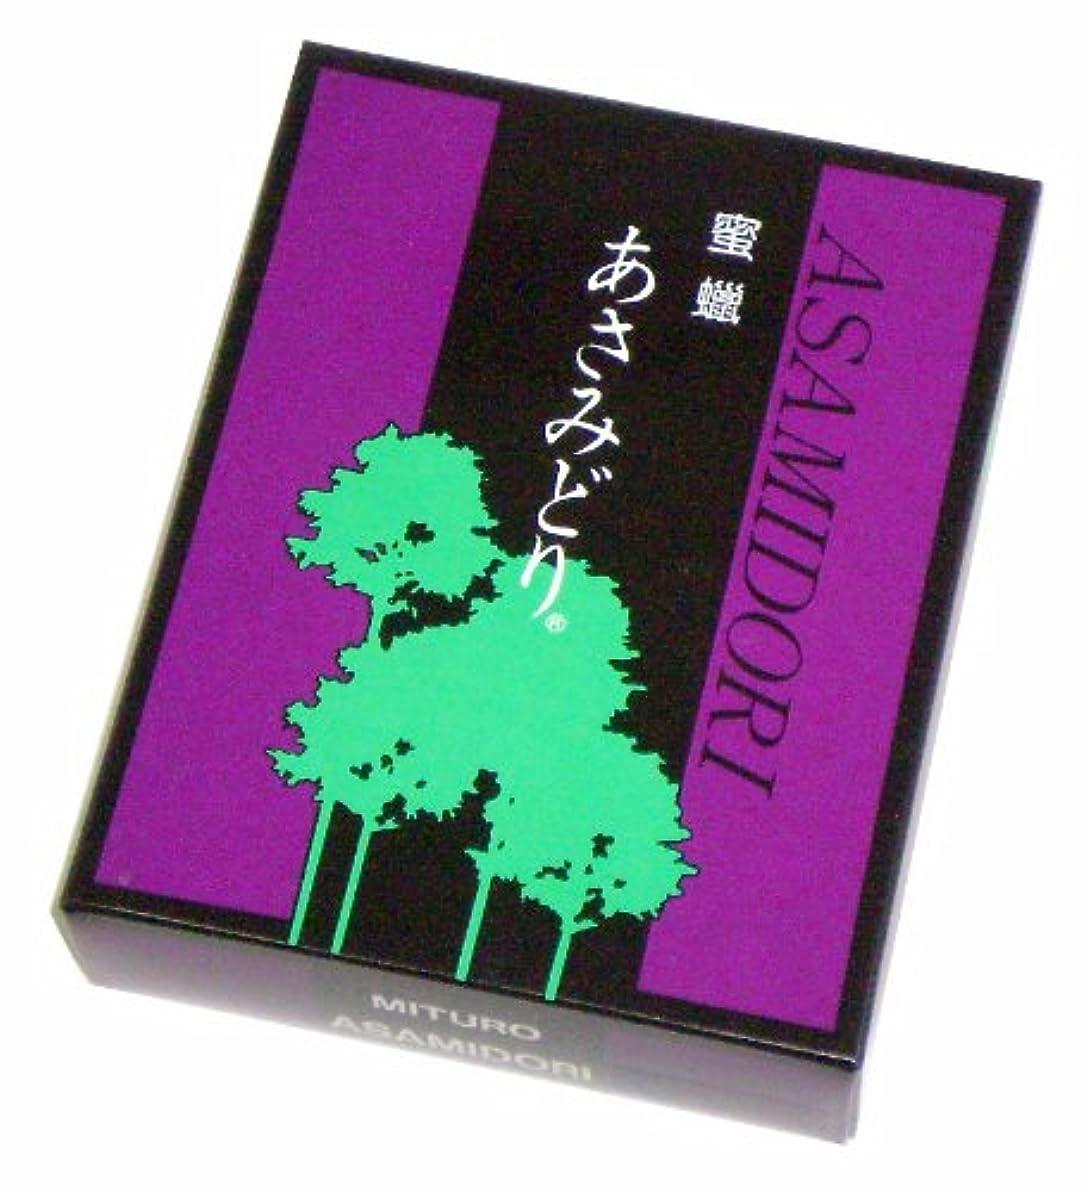 代表材料動かない鳥居のローソク 蜜蝋 あさみどり 13号14本入(緑印) #100506